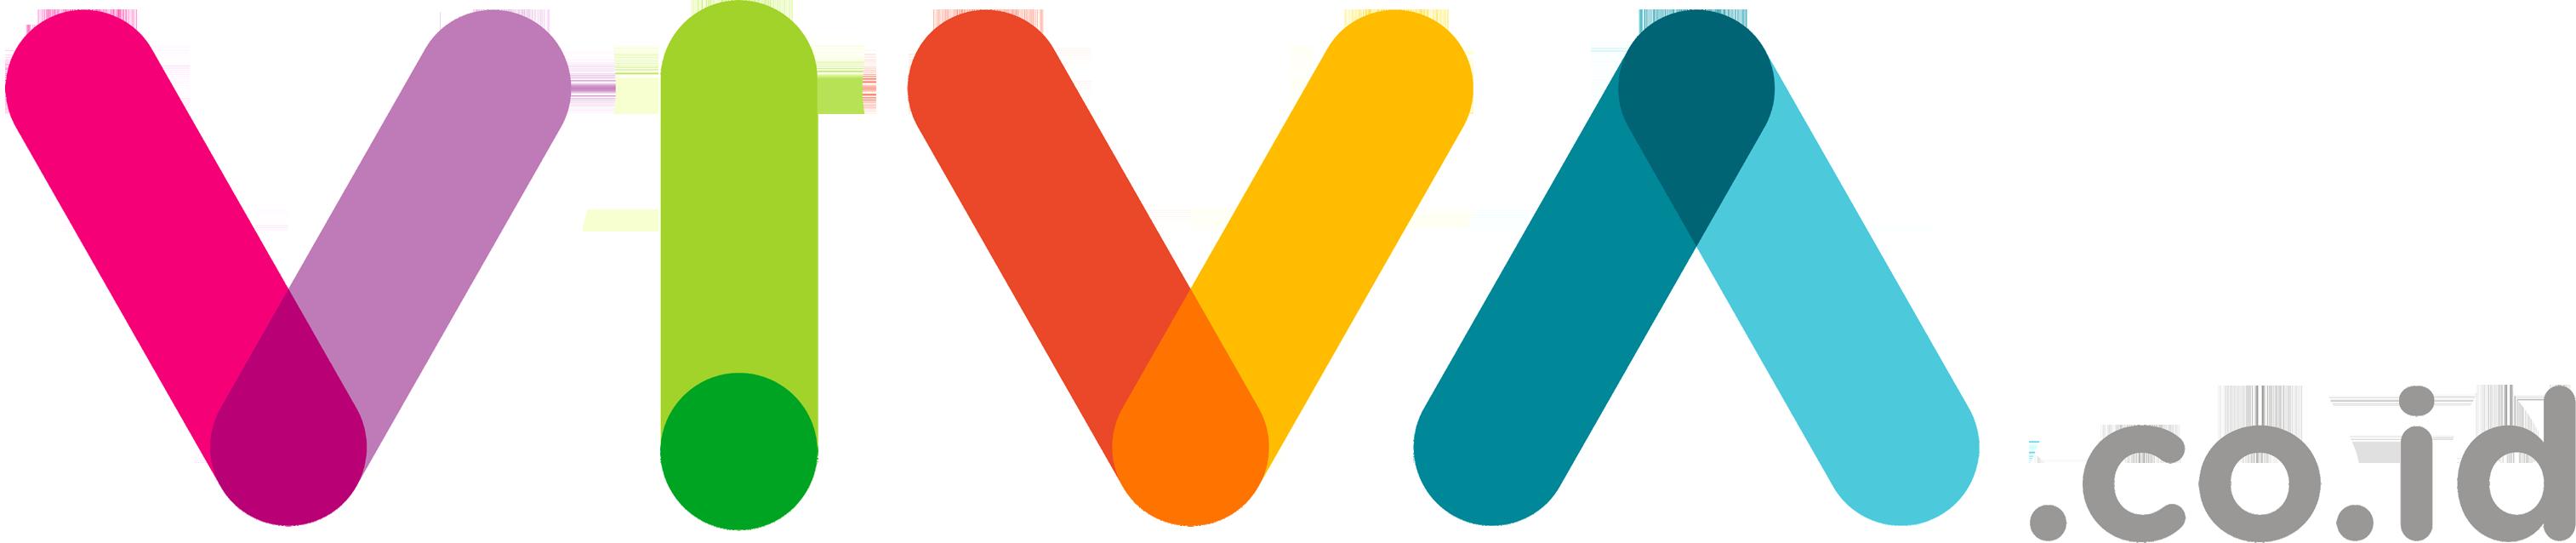 viva new logo